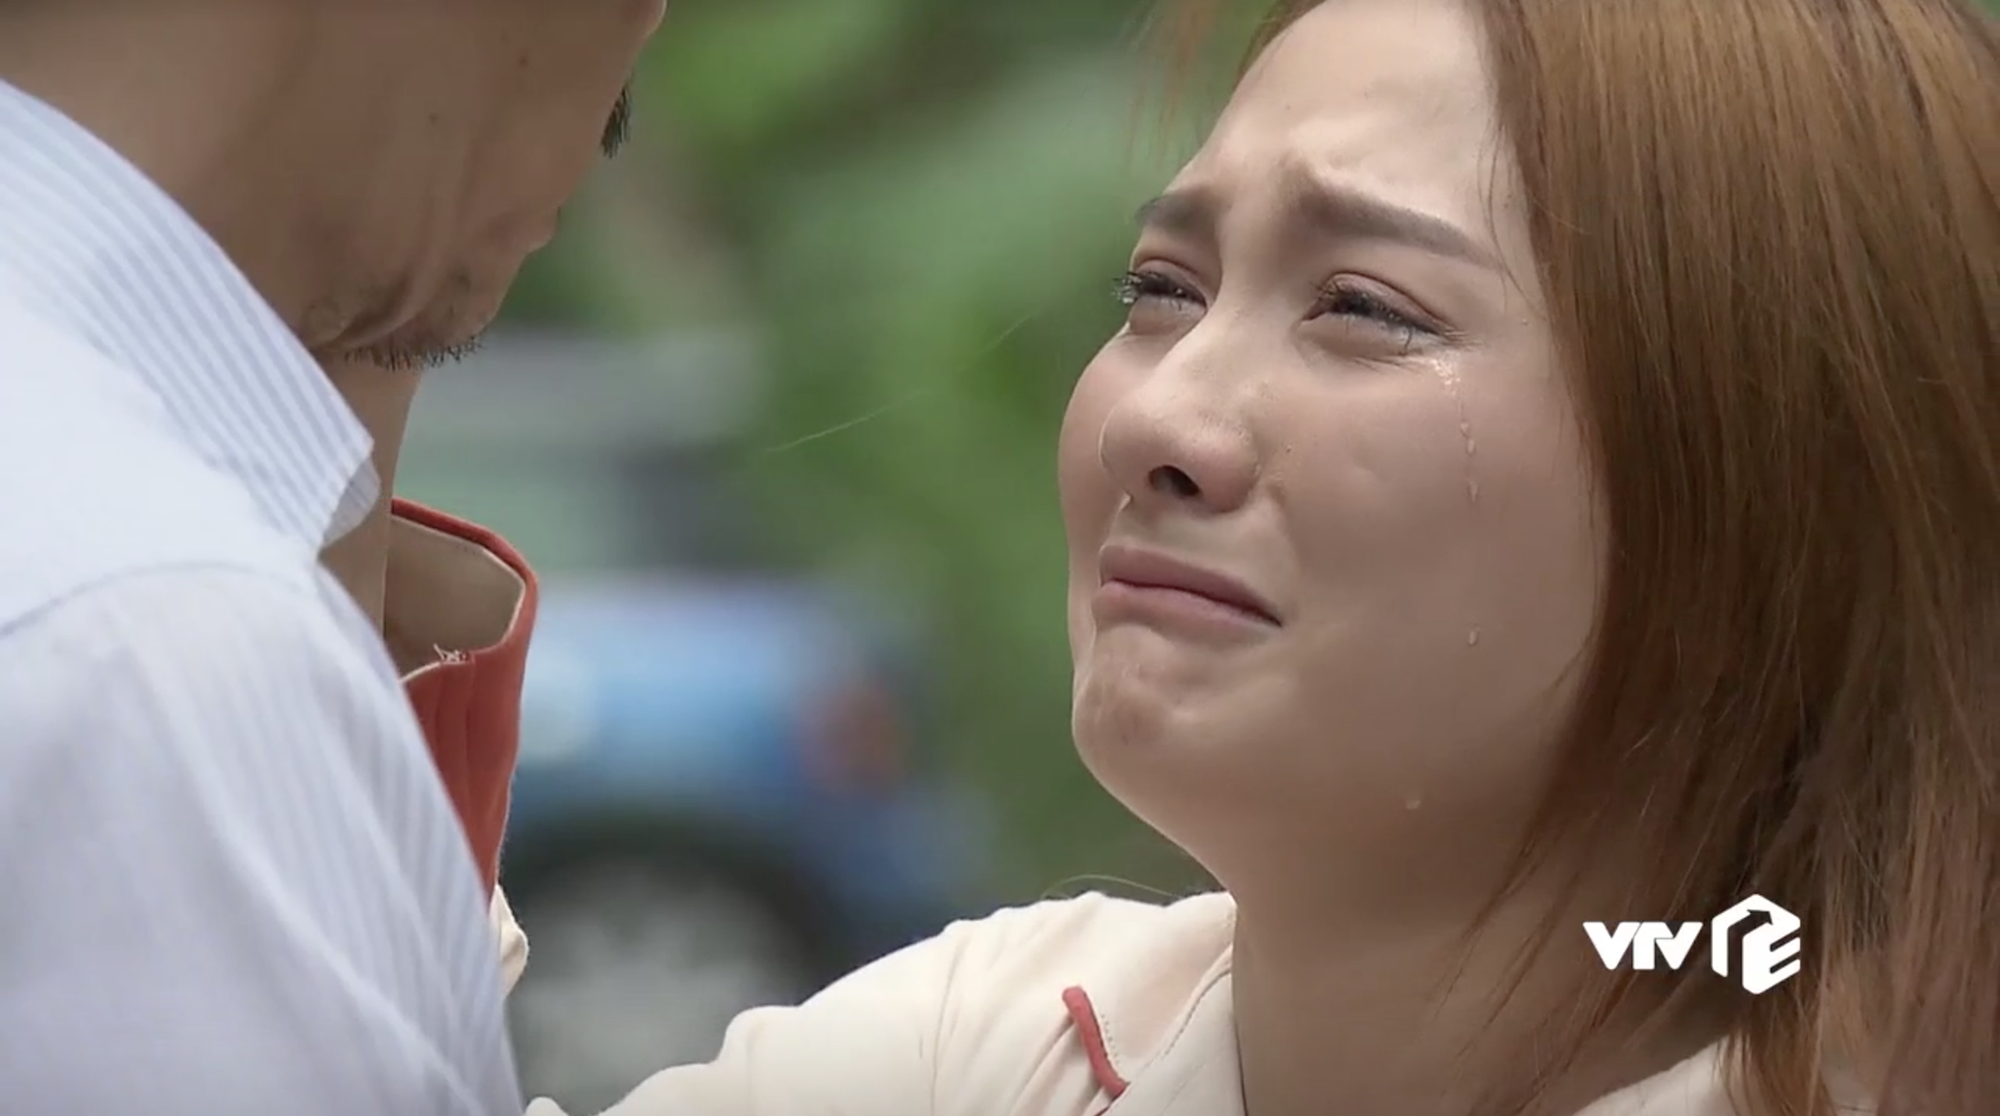 Nhìn Bảo Thanh khóc thật đau nhưng ai cũng mong cô tẩy trang đi vì phấn dày bờ cả lên rồi - Ảnh 2.